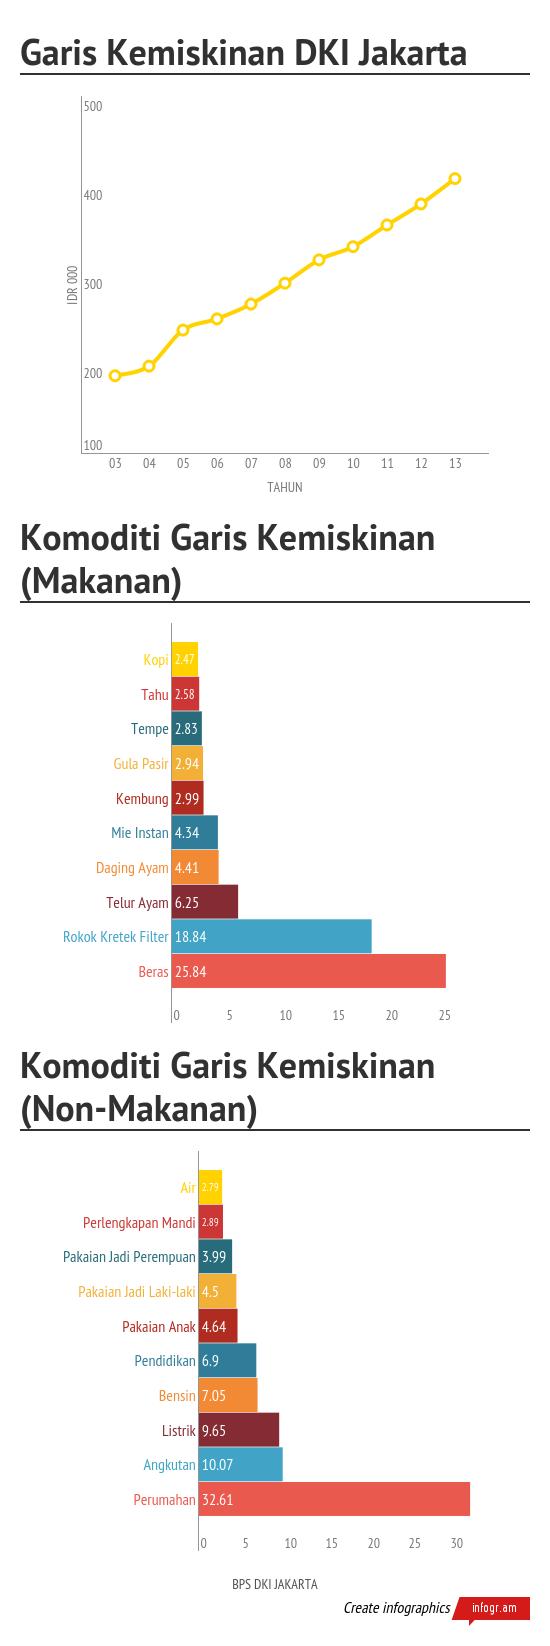 Garis_Kemiskinan_DKI_Jakarta (1)